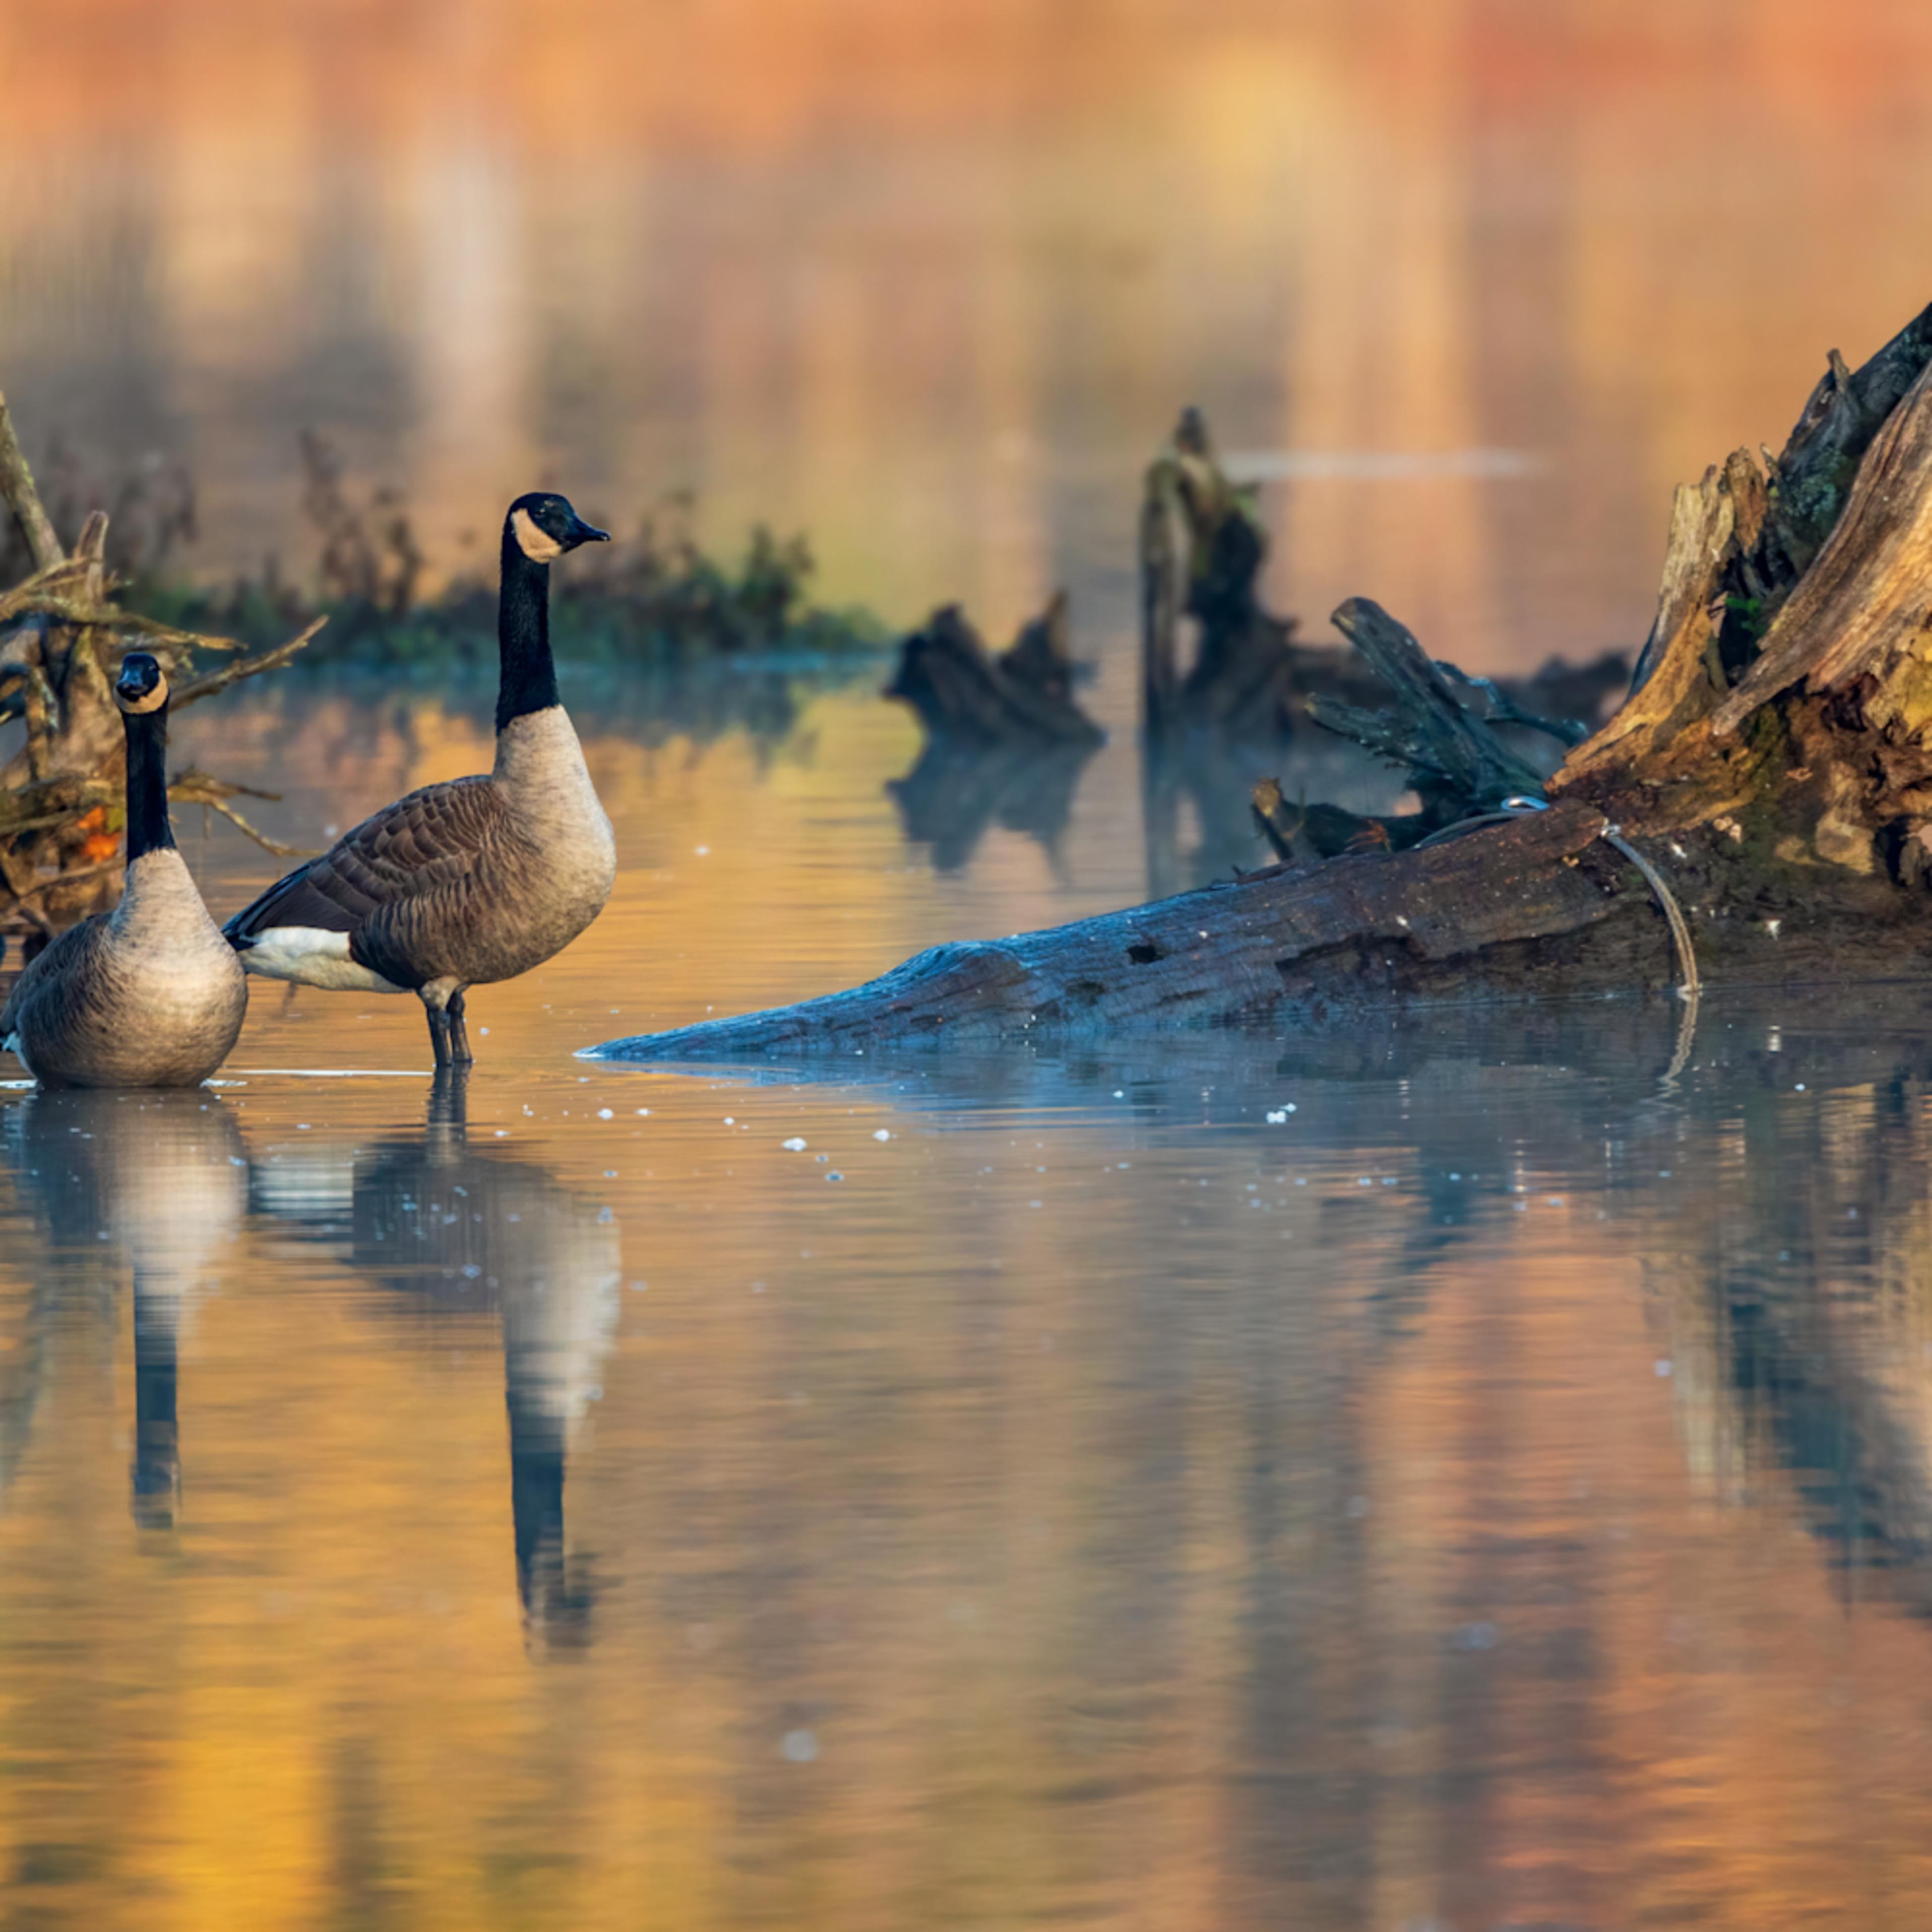 Golden hour geese copy kp3qgk